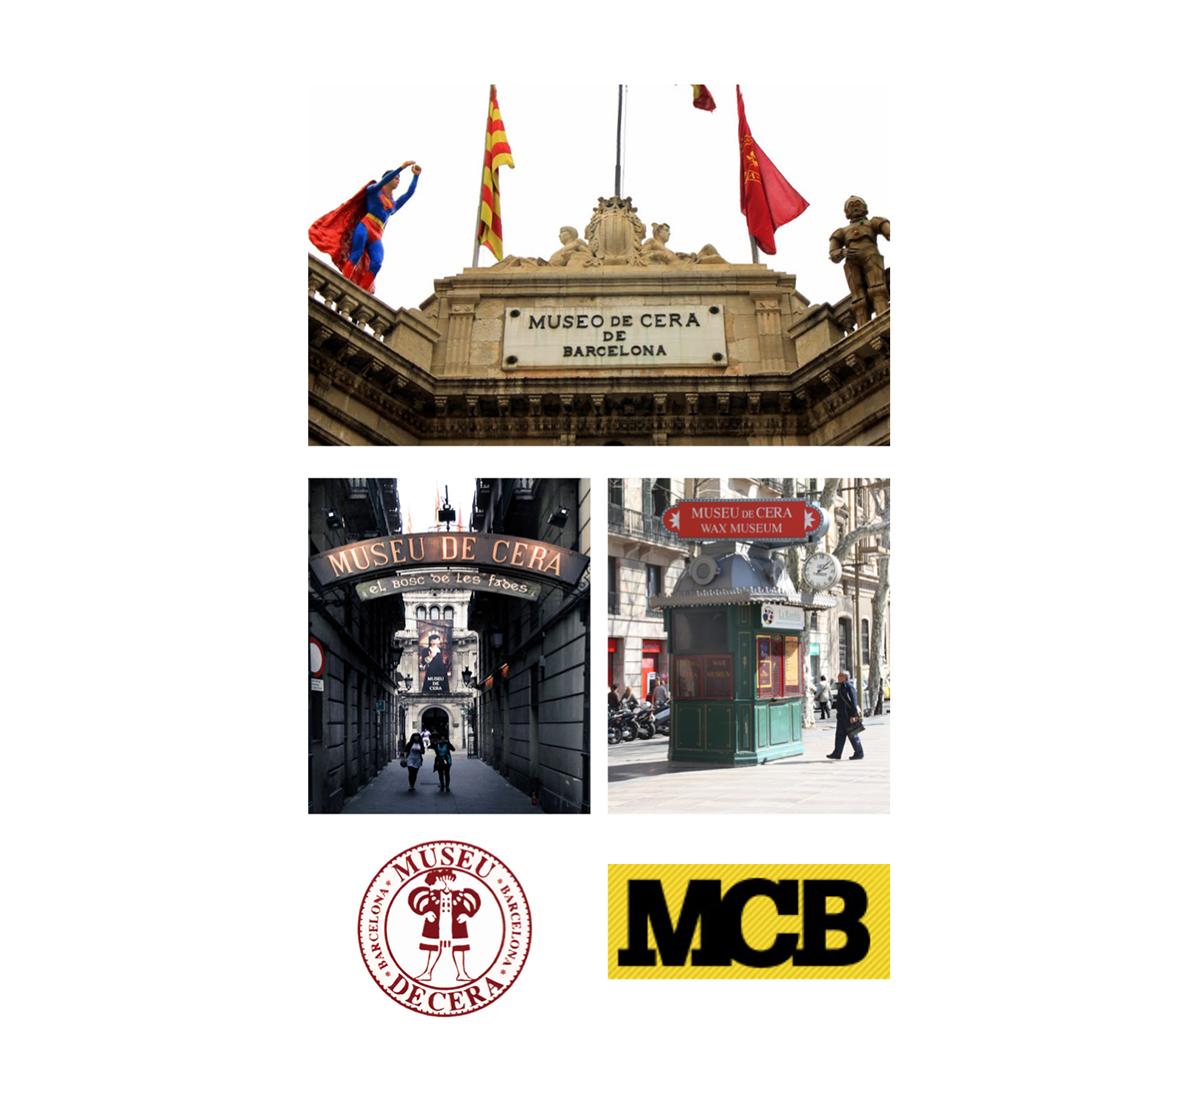 museu de cera museo de cera wax museum barcelona wax cera famouse people famosos